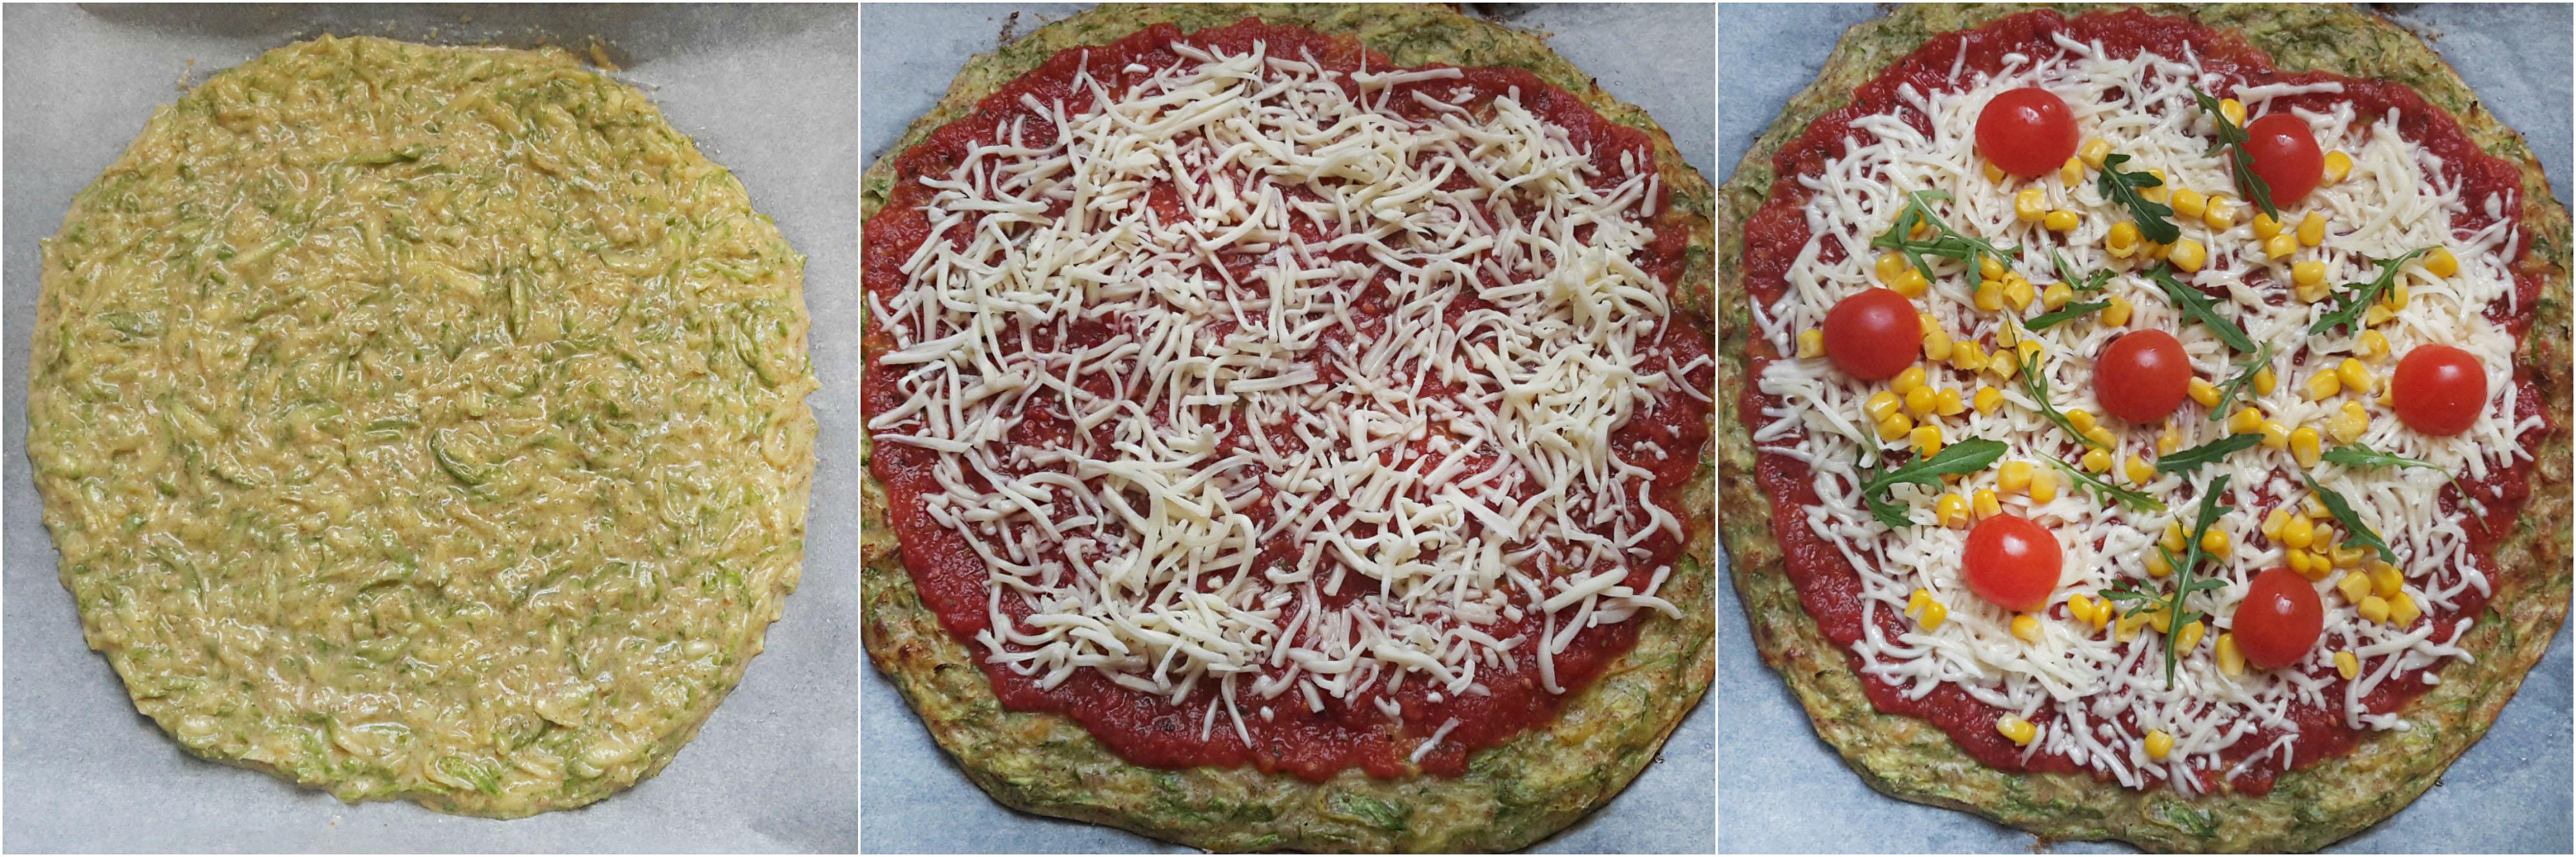 pizza cu crusta de dovlecei 01 - foodieopedia